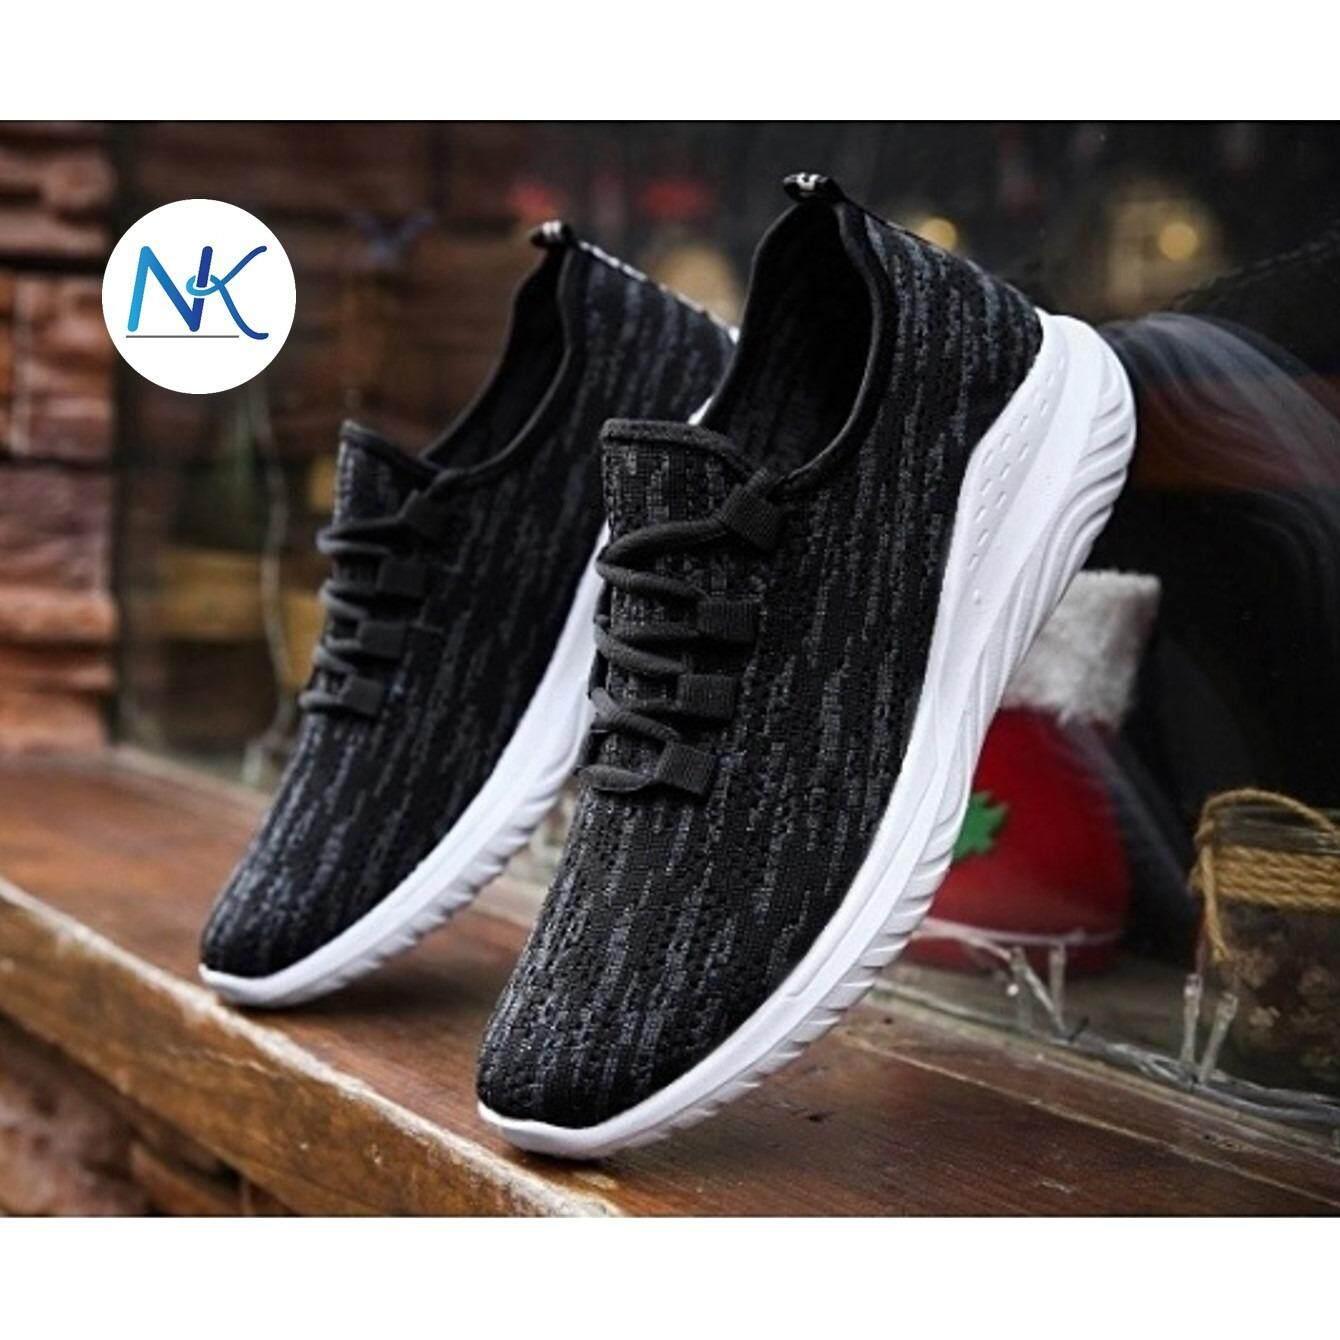 mymyshop รองเท้าผ้าใบ รองเท้าผ้าใบผู้ชาย รองเท้าลำลอง เบาสบายสวมใส่ง่าย